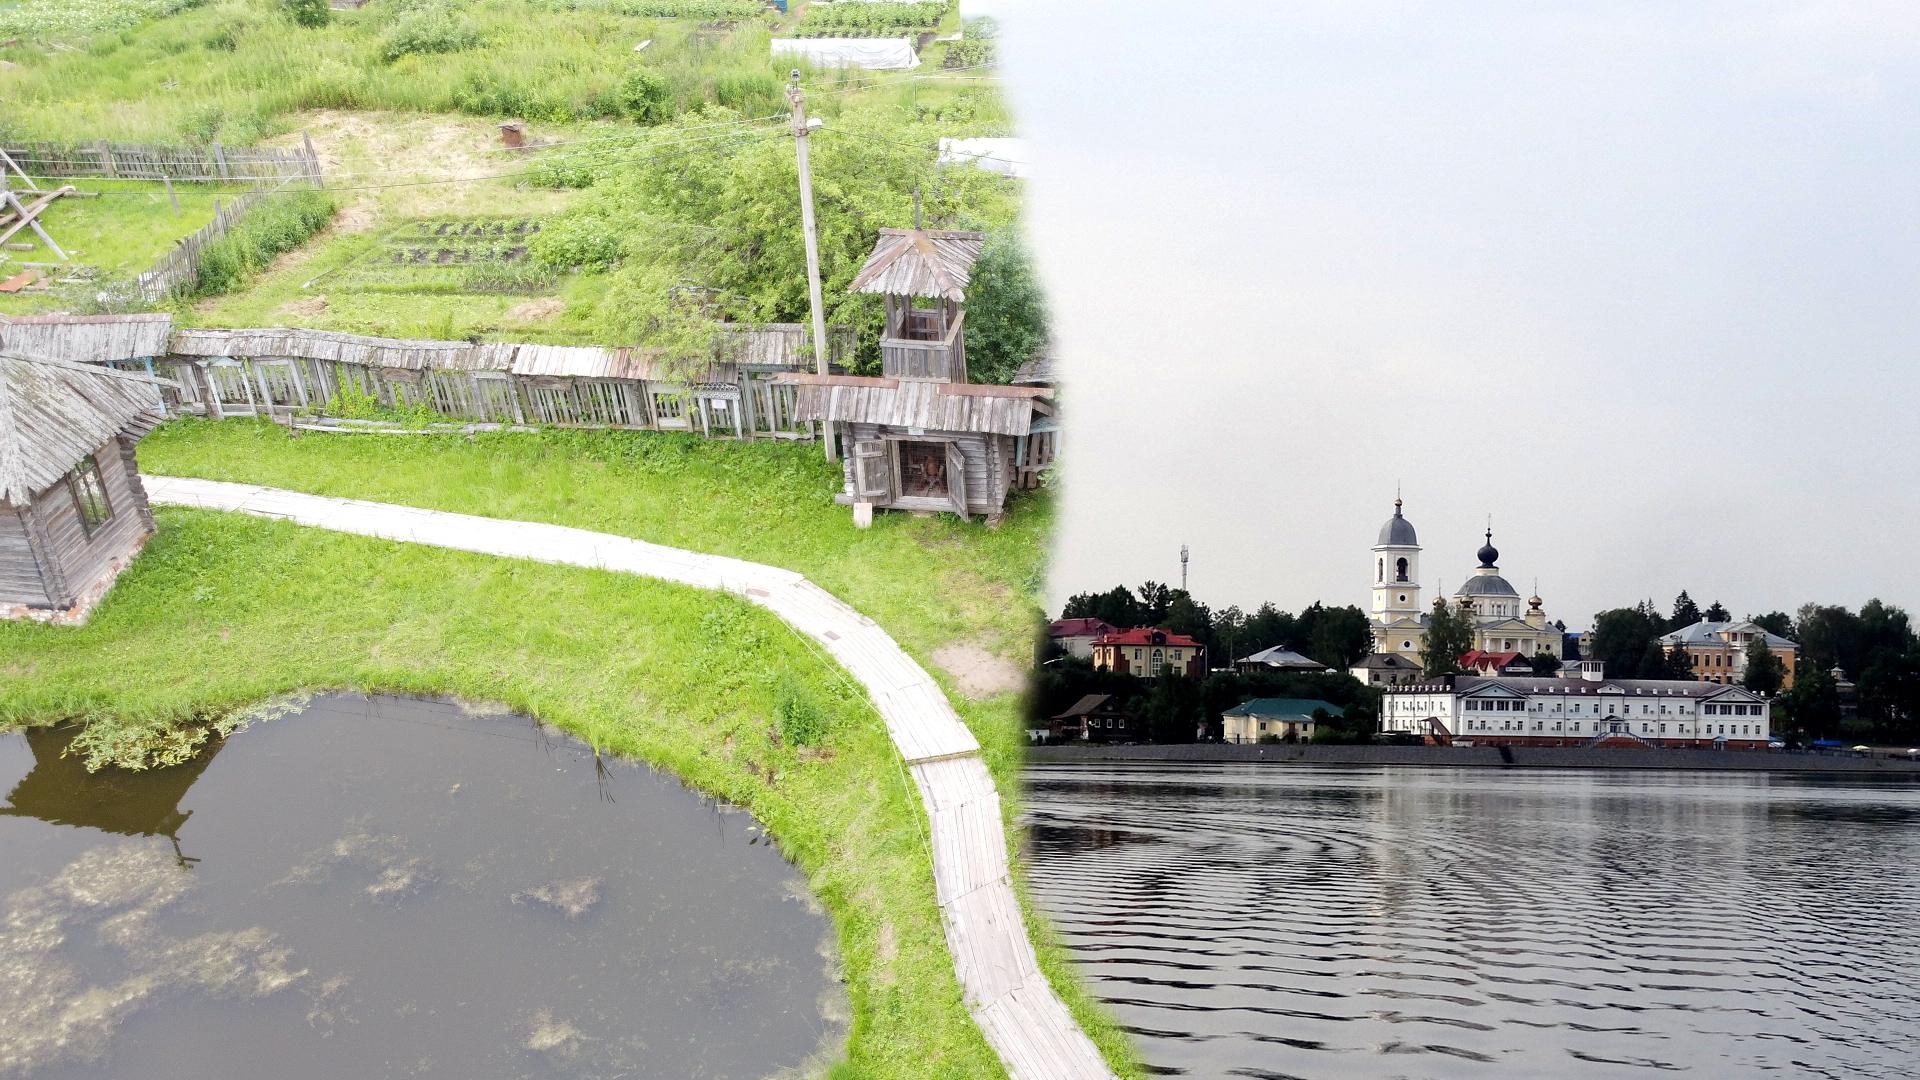 Большое путешествие по России 2020. Часть 5: Город Мышкин и переправа через Волгу